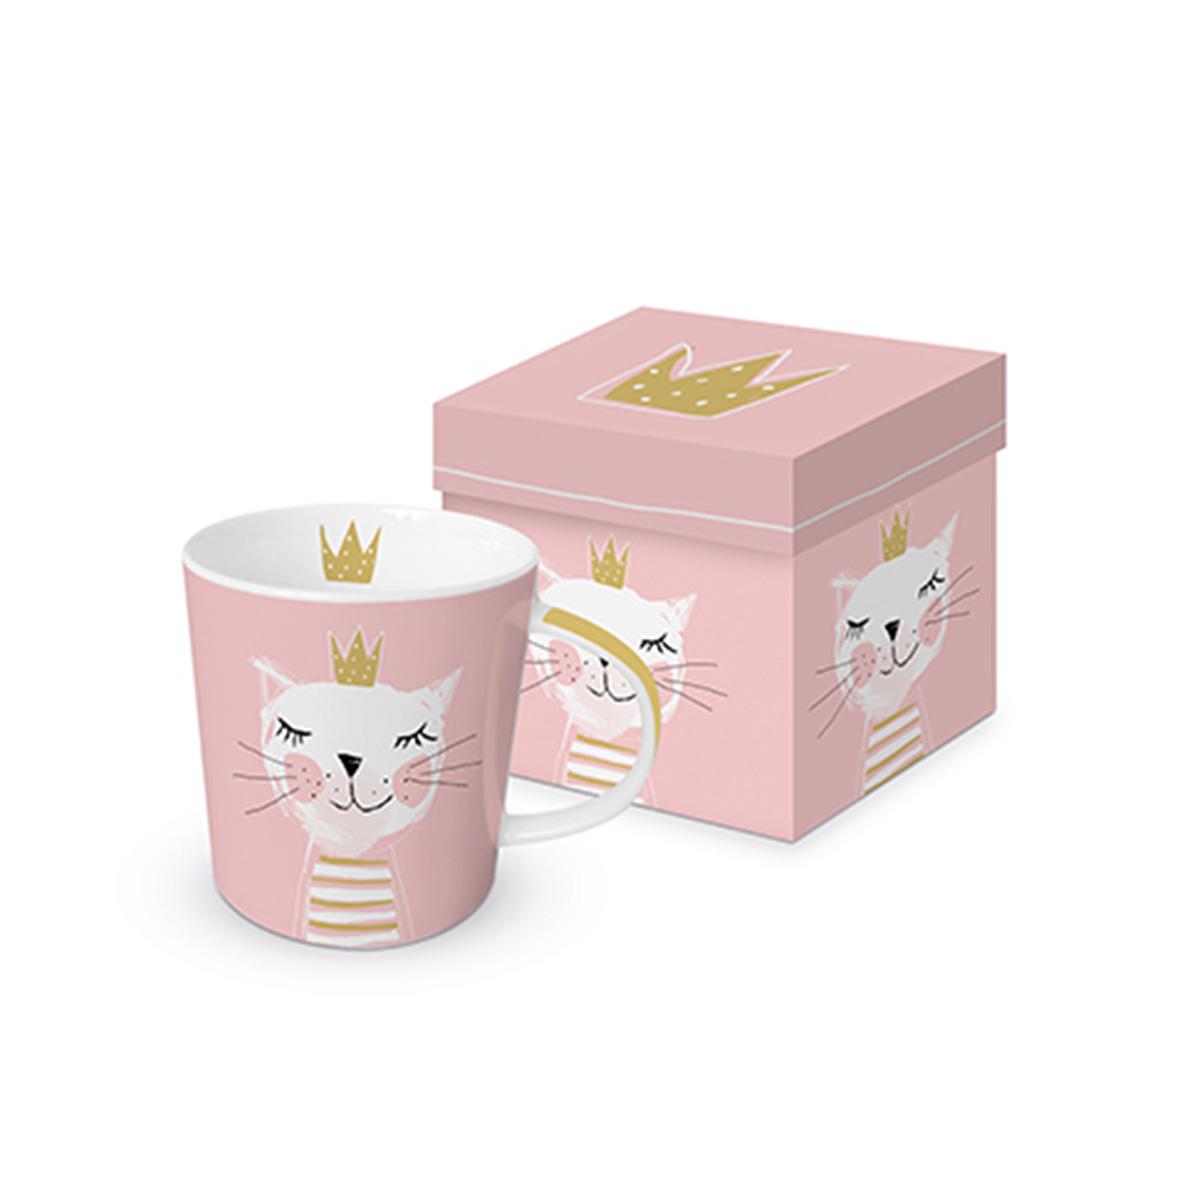 Šolja Happy Cat 603626